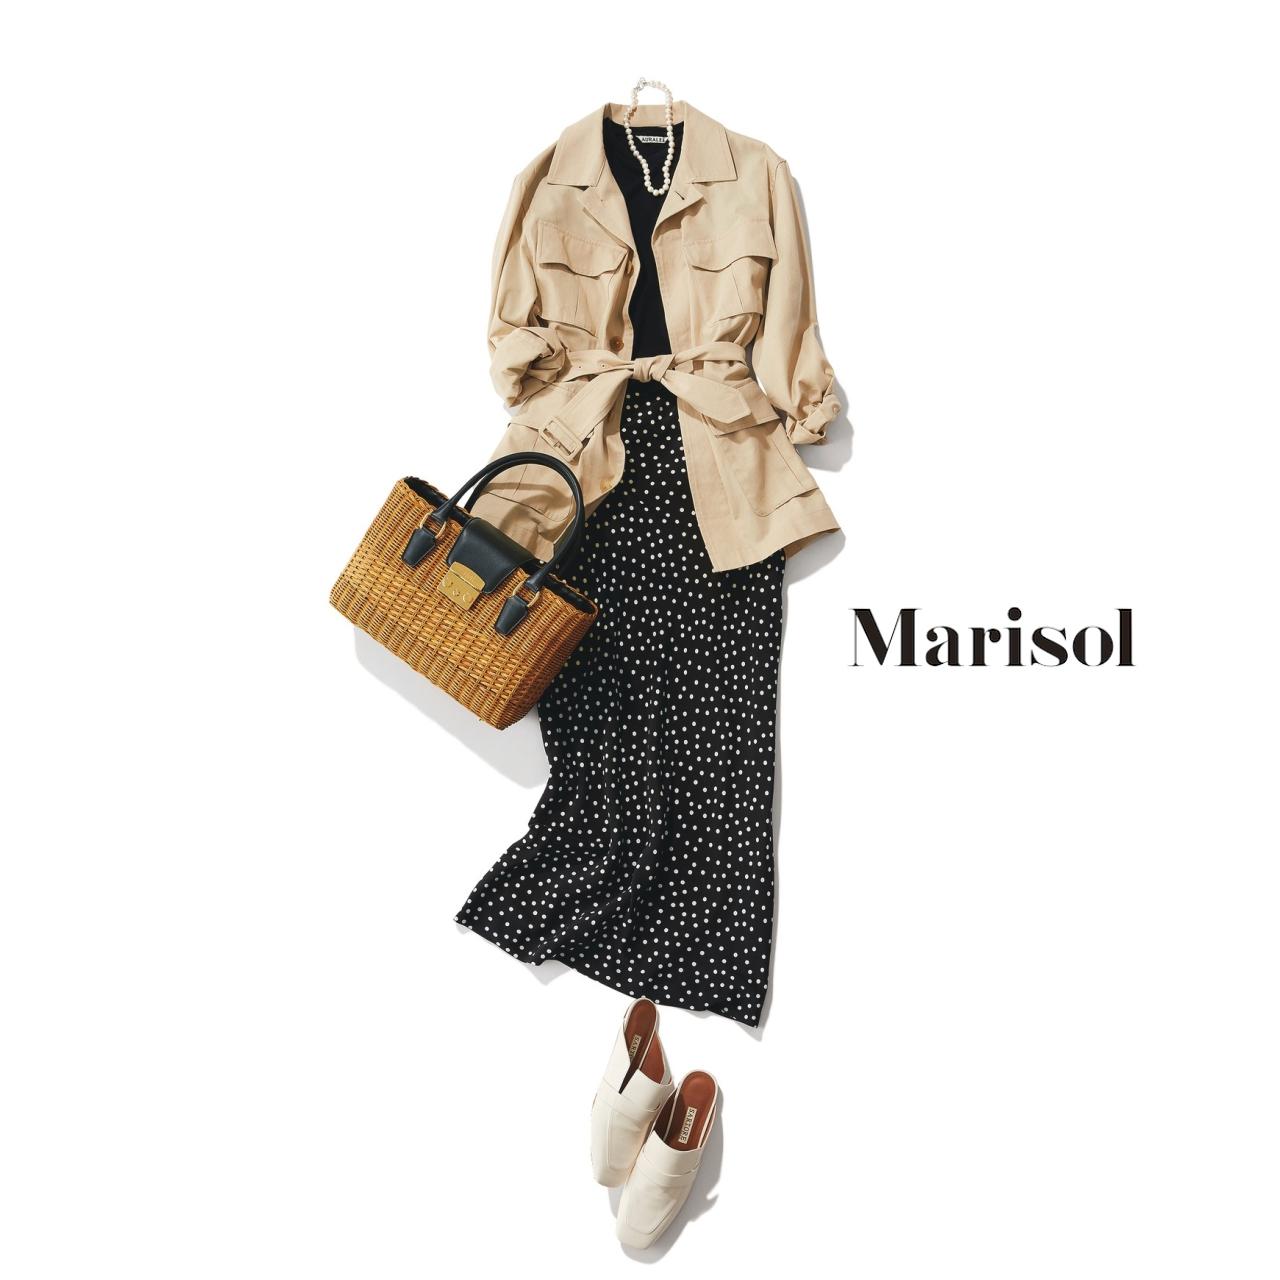 40代ファッション サファリジャケット×ドットスカートコーデ